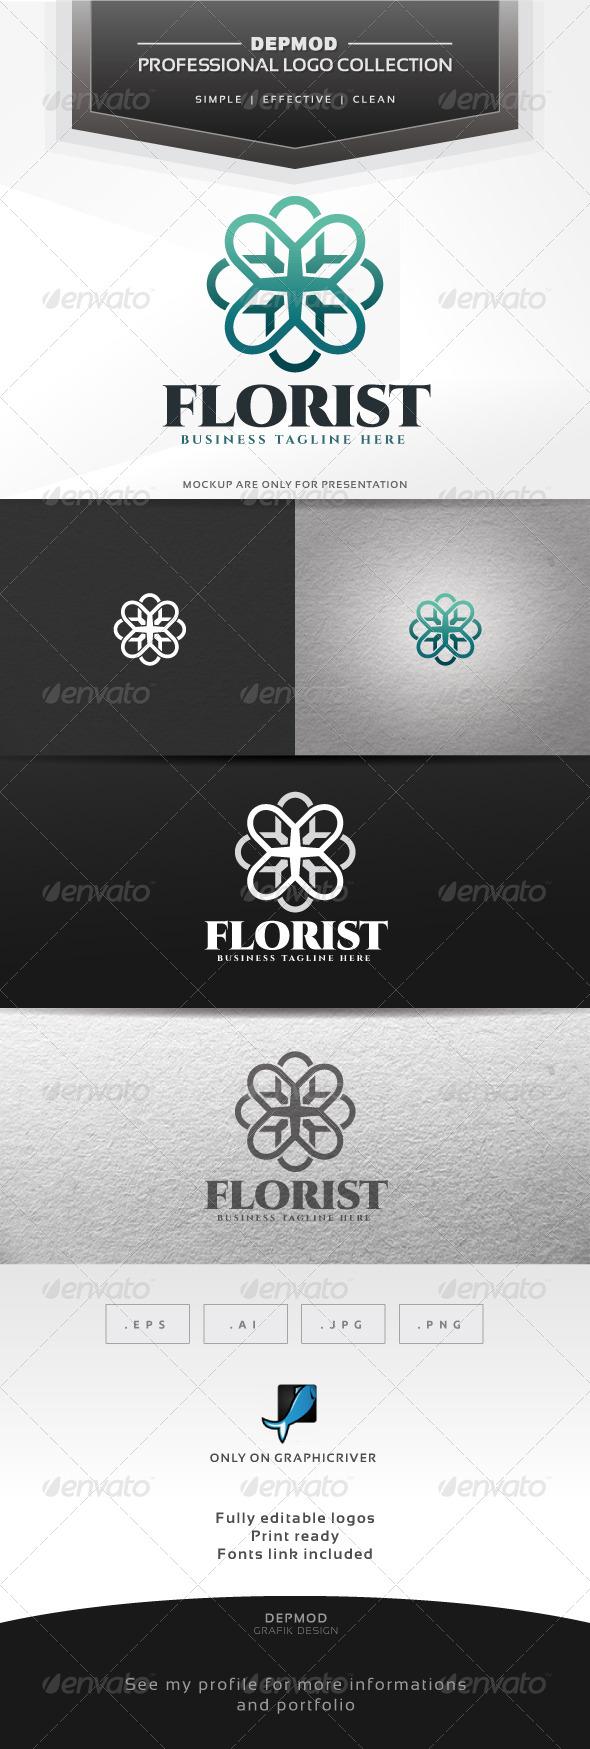 Logotipos para Floristerías